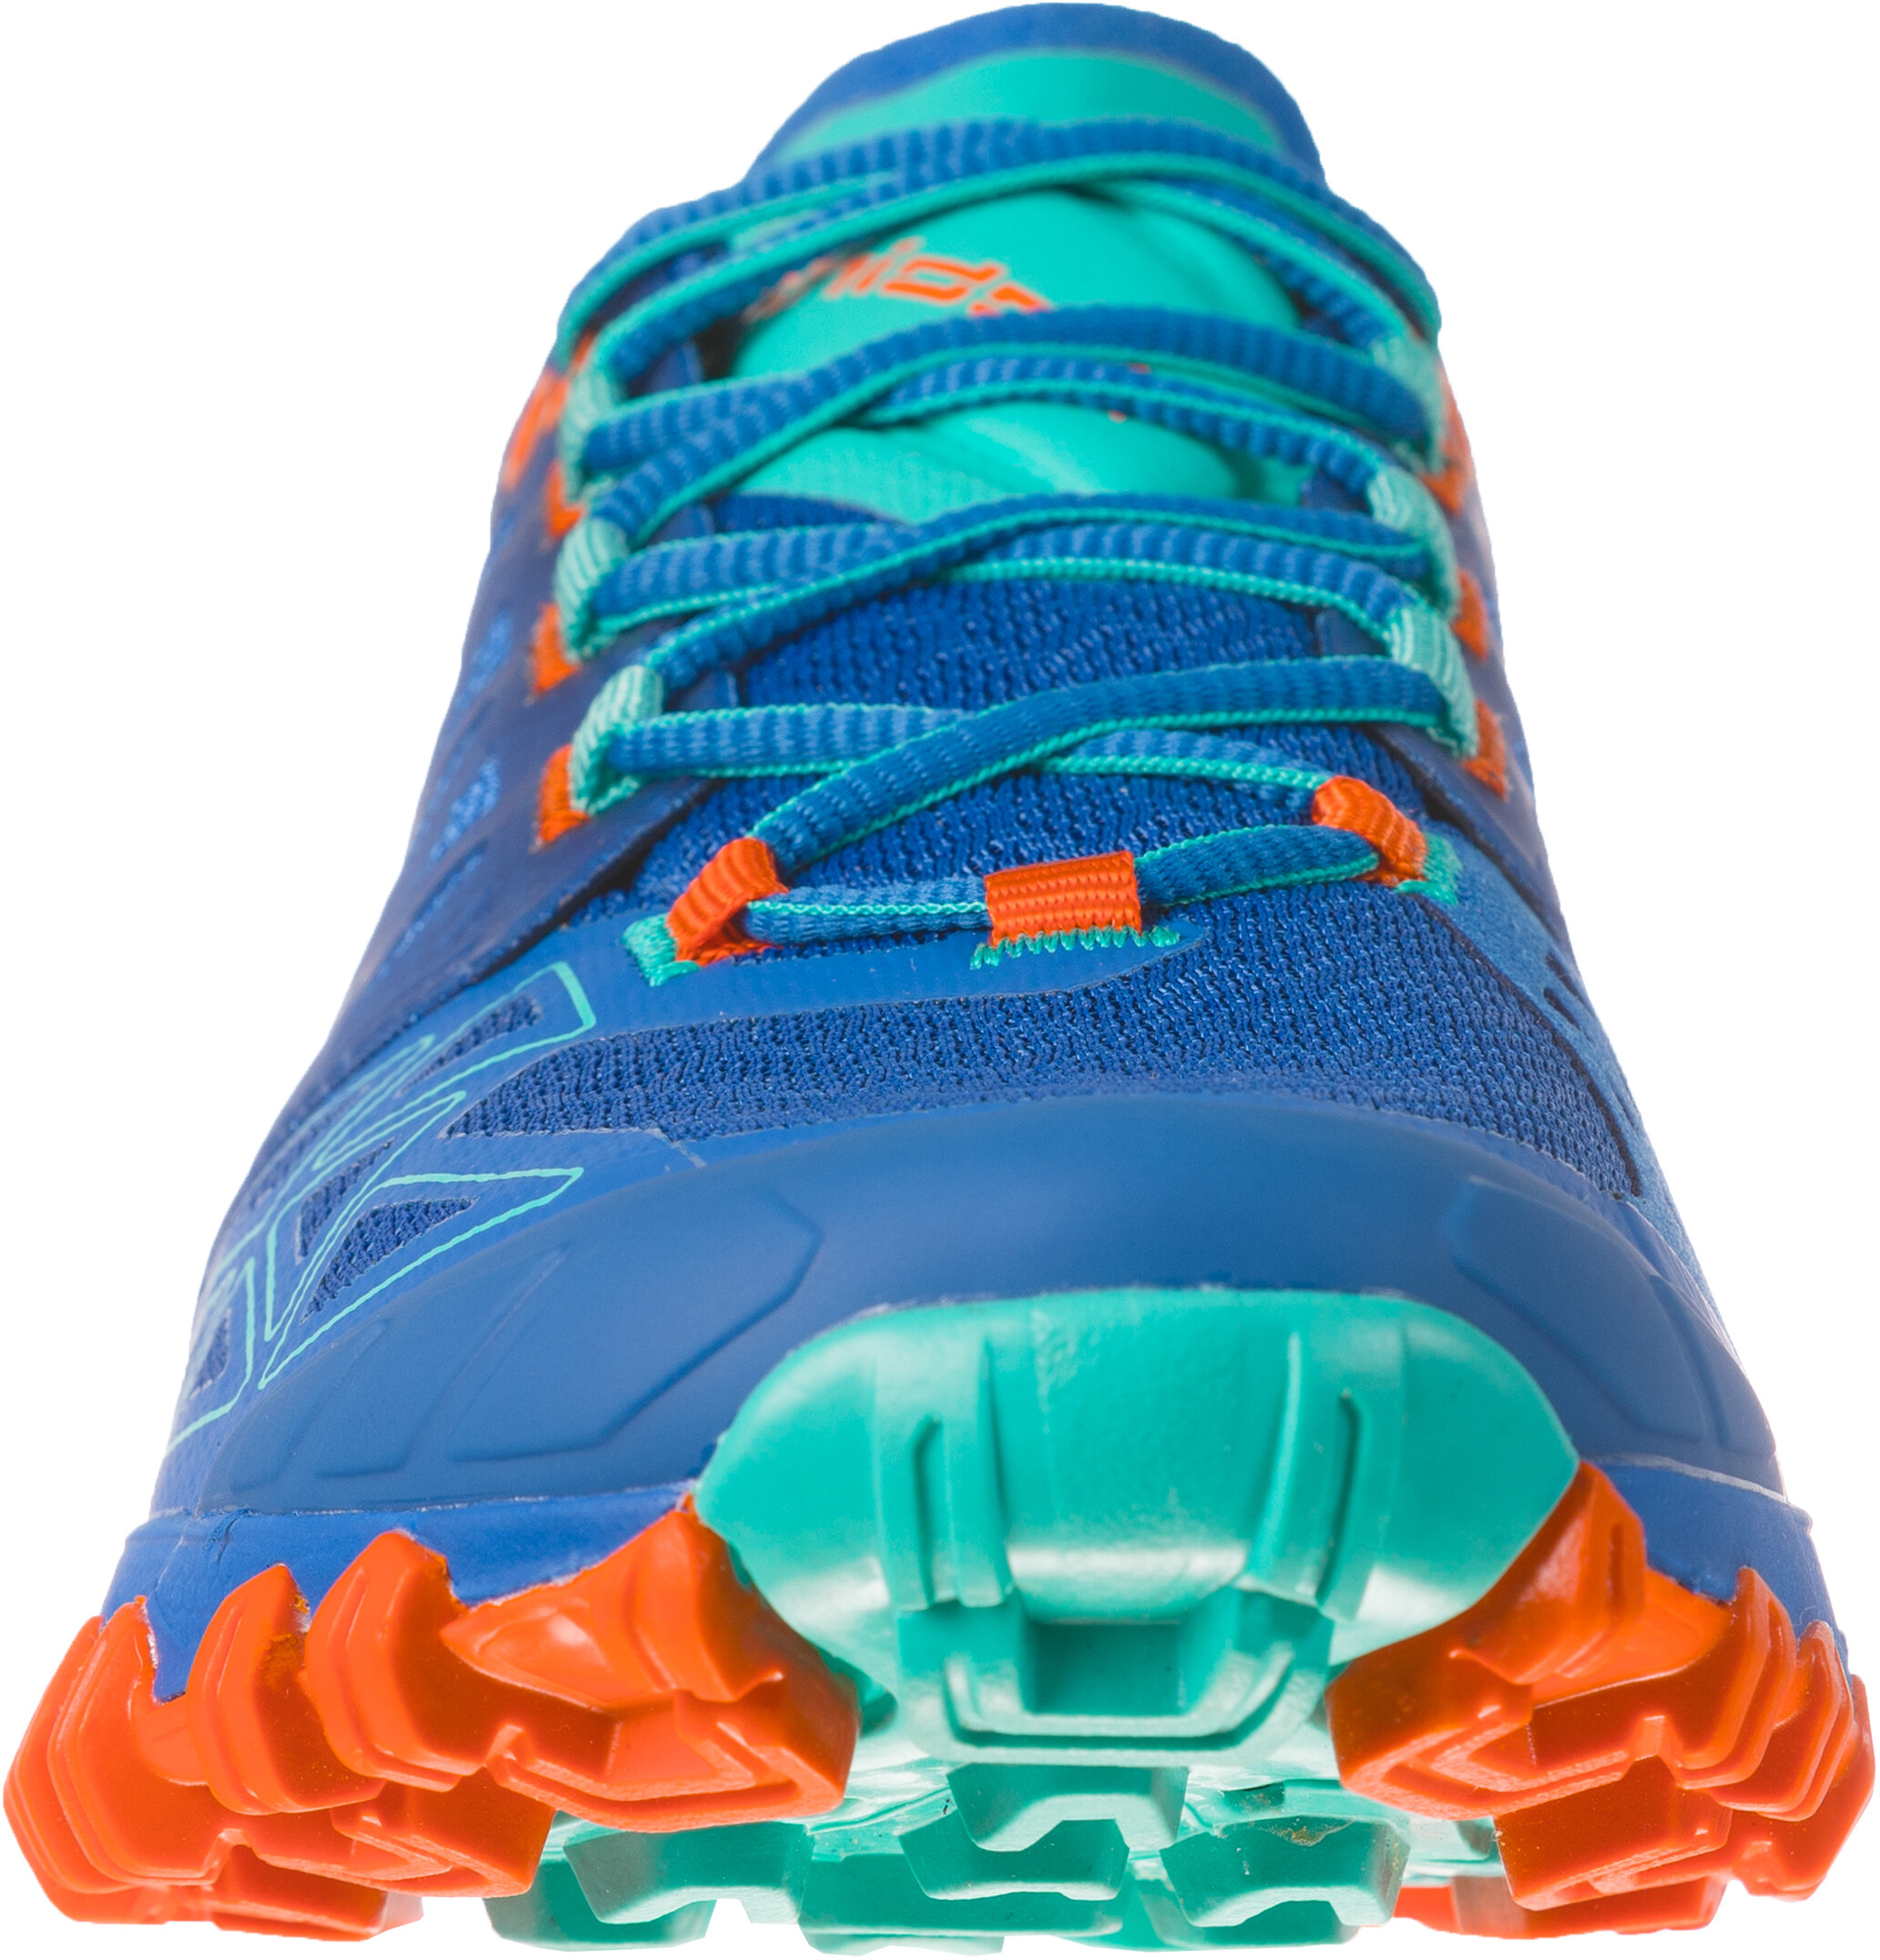 bc7982a608f La Sportiva Bushido II Running Shoes Women blue at Addnature.co.uk